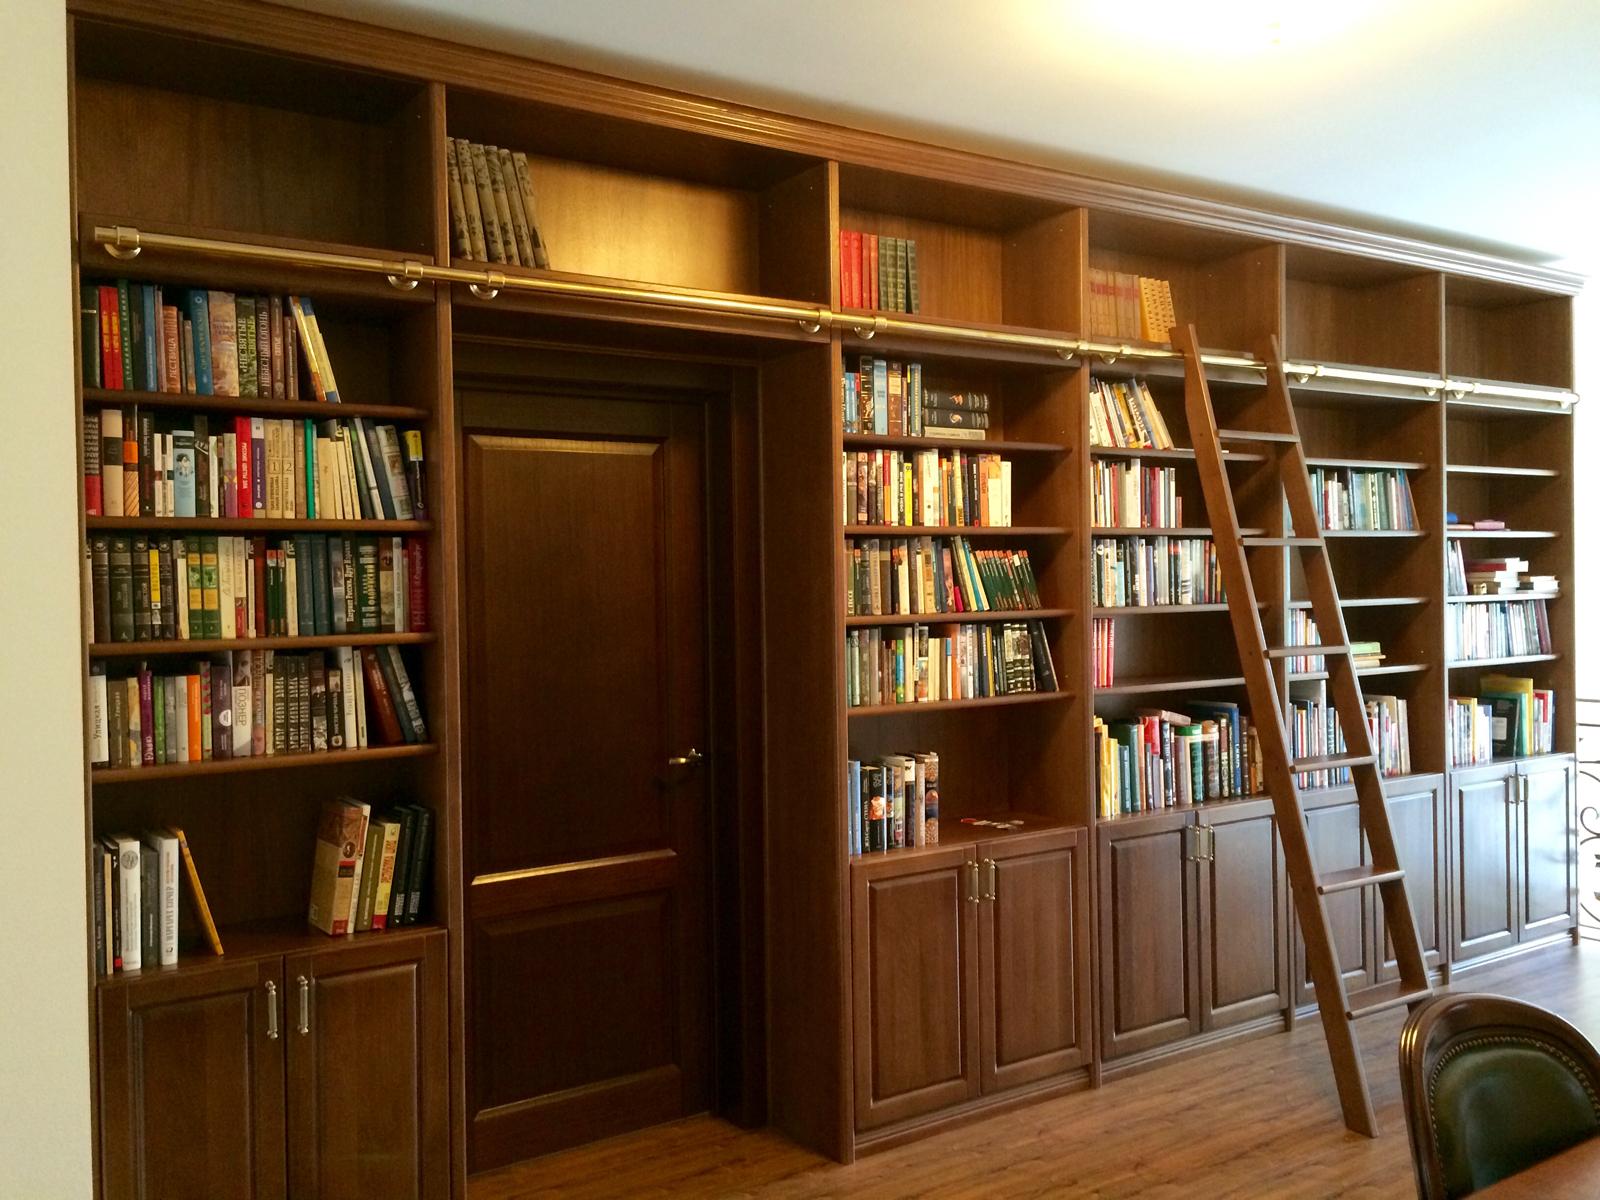 Домашняя библиотека из массива дуба - шкаф-стеллаж для книг.